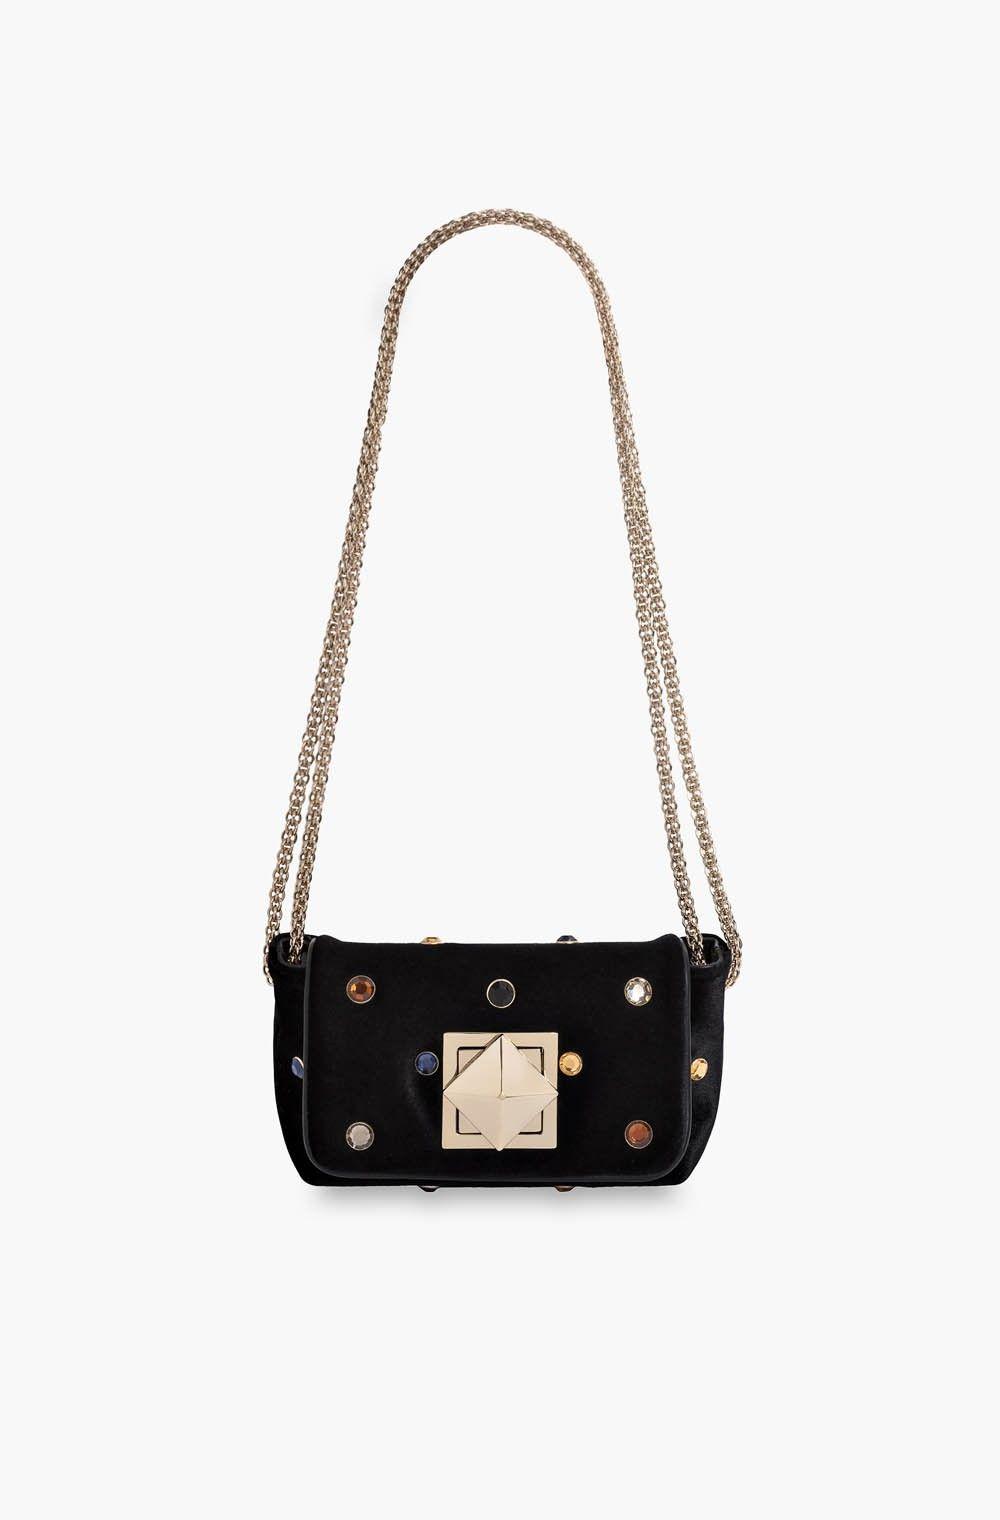 35589f2e684 Velvet bag Le Copain Sonia Rykiel, Kate Spade, Velvet, Rhinestones, Bag